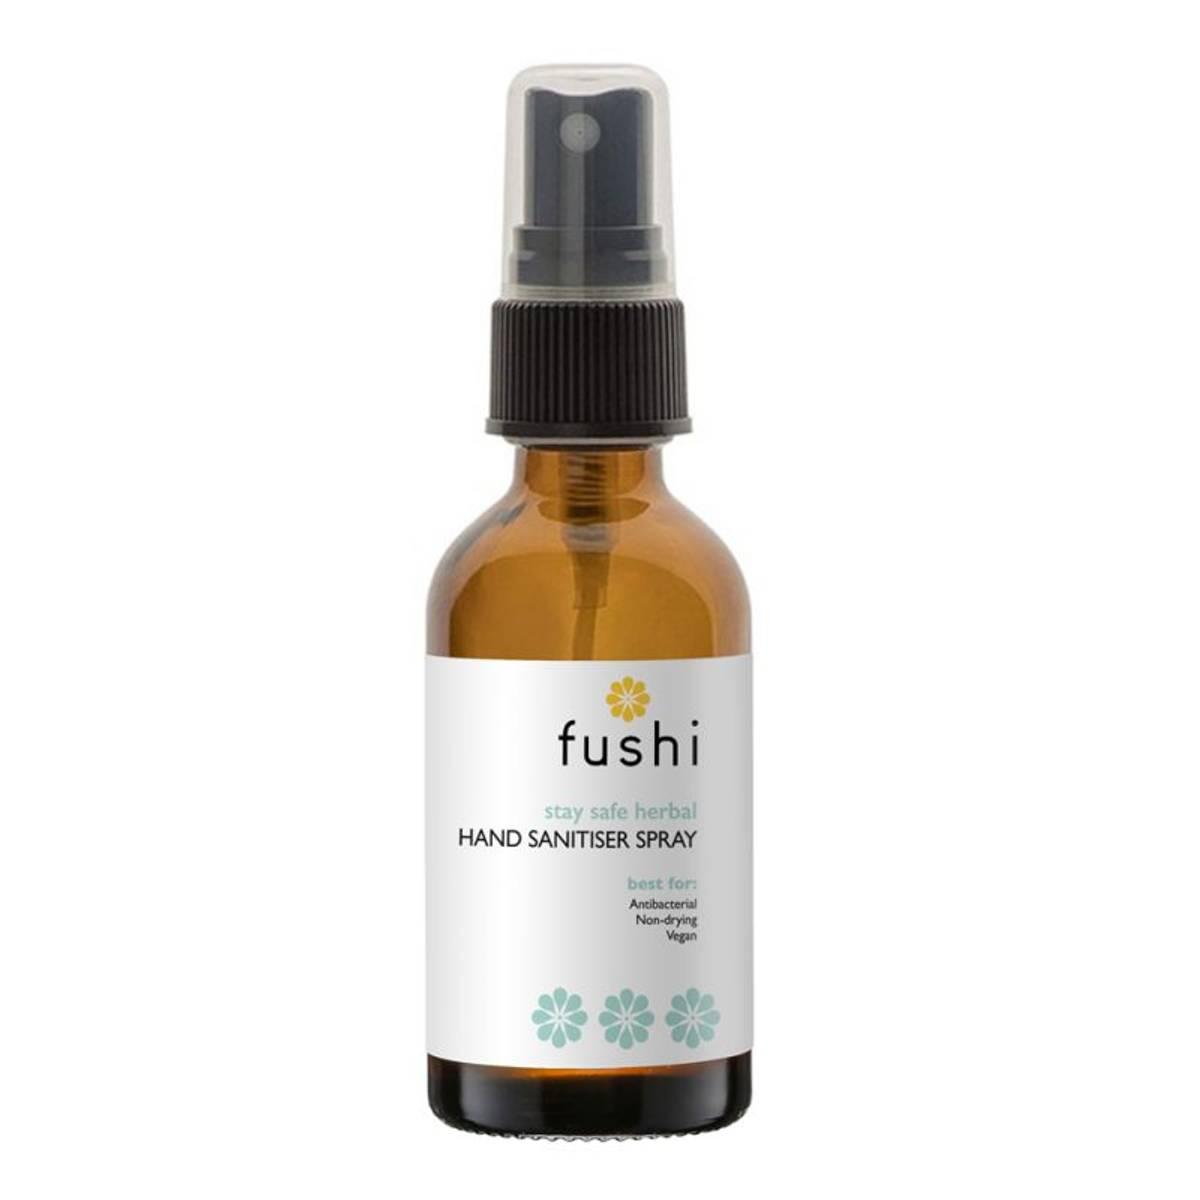 Antibakteriell spray til hender m/ urter, 60% alkohol / Fushi